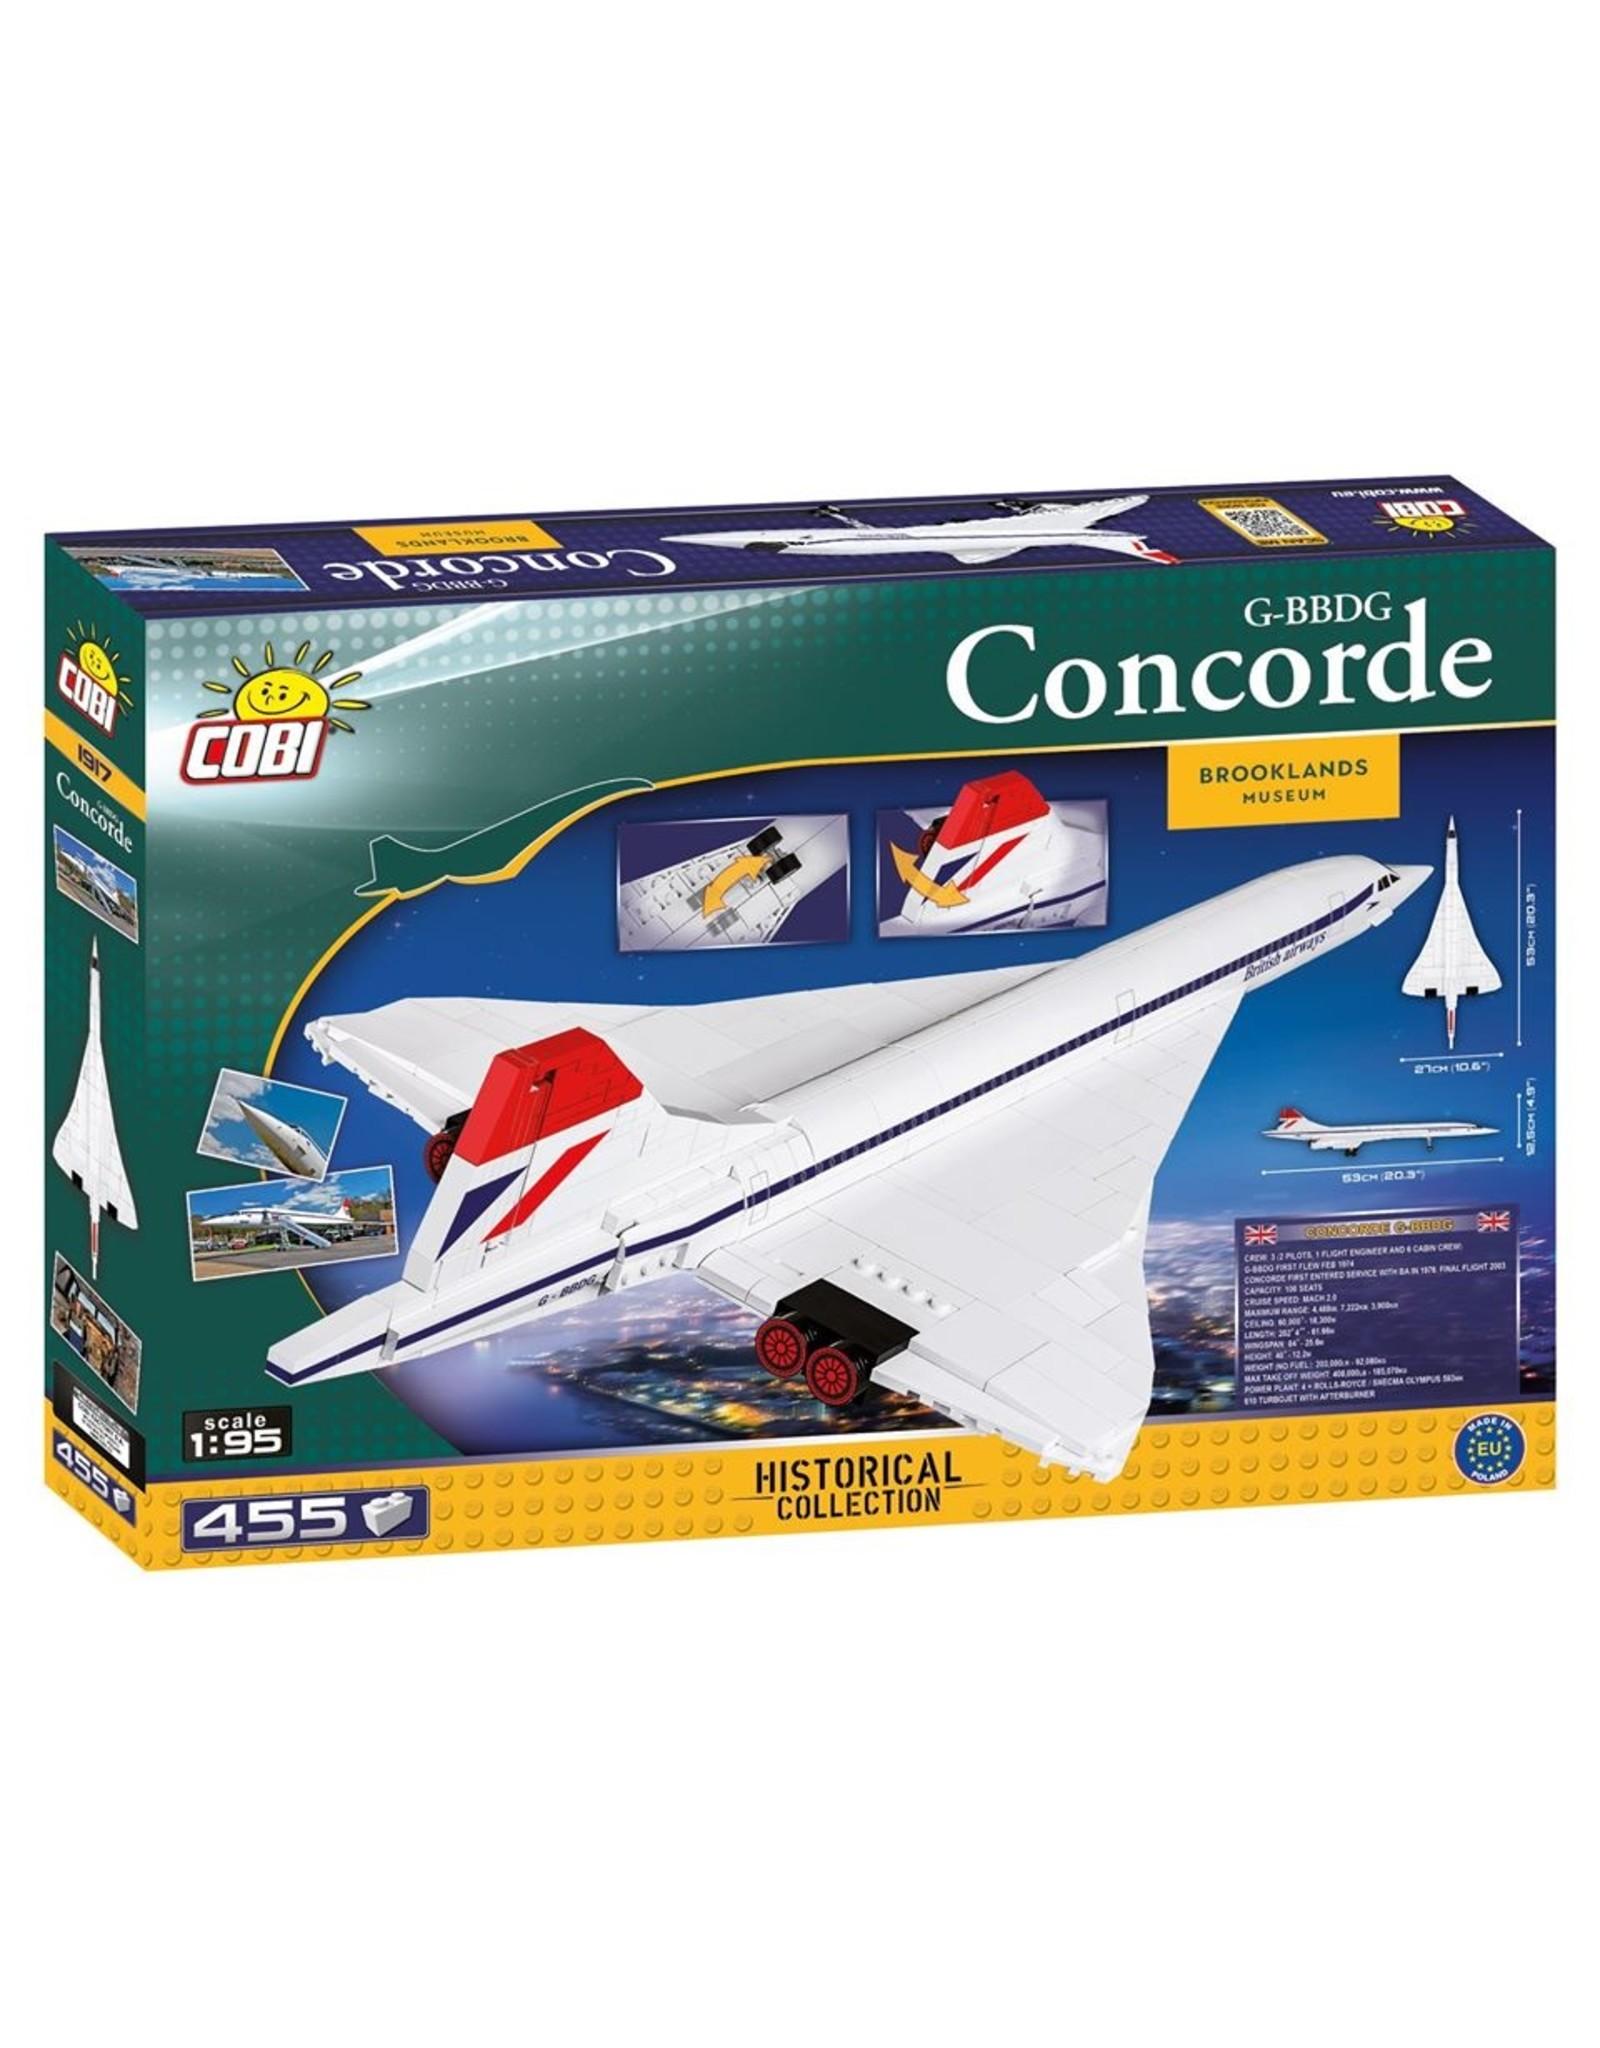 COBI COBI 1917 Concorde